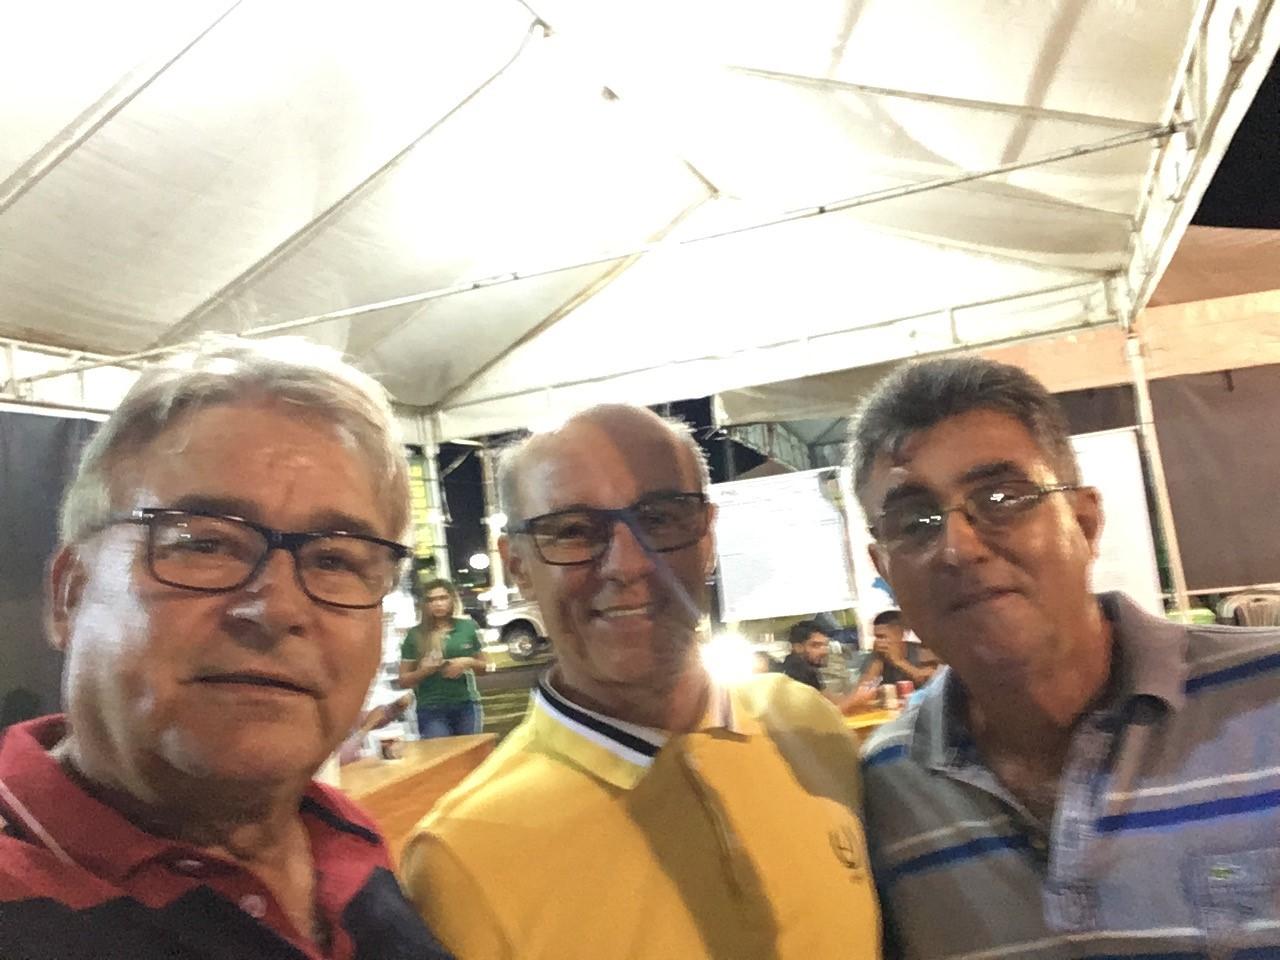 Vailton e Carlos no Pq. de Exposição da Aava. Tomé Açú/PA